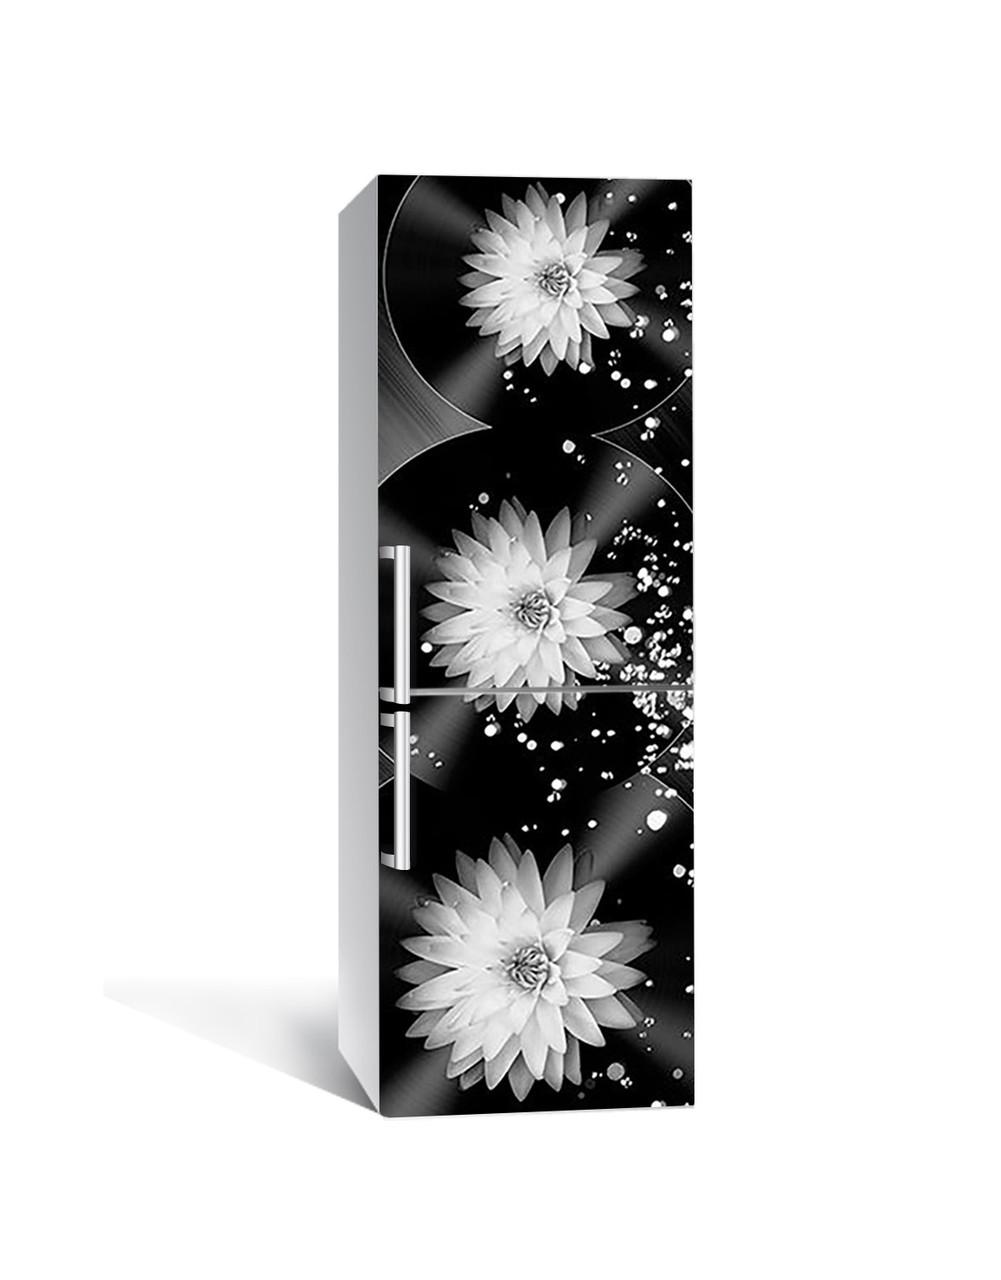 Вінілова 3Д наклейка на холодильник Жоржини Сфери ПВХ плівка самоклеюча квіти Абстракція Чорний 650*2000